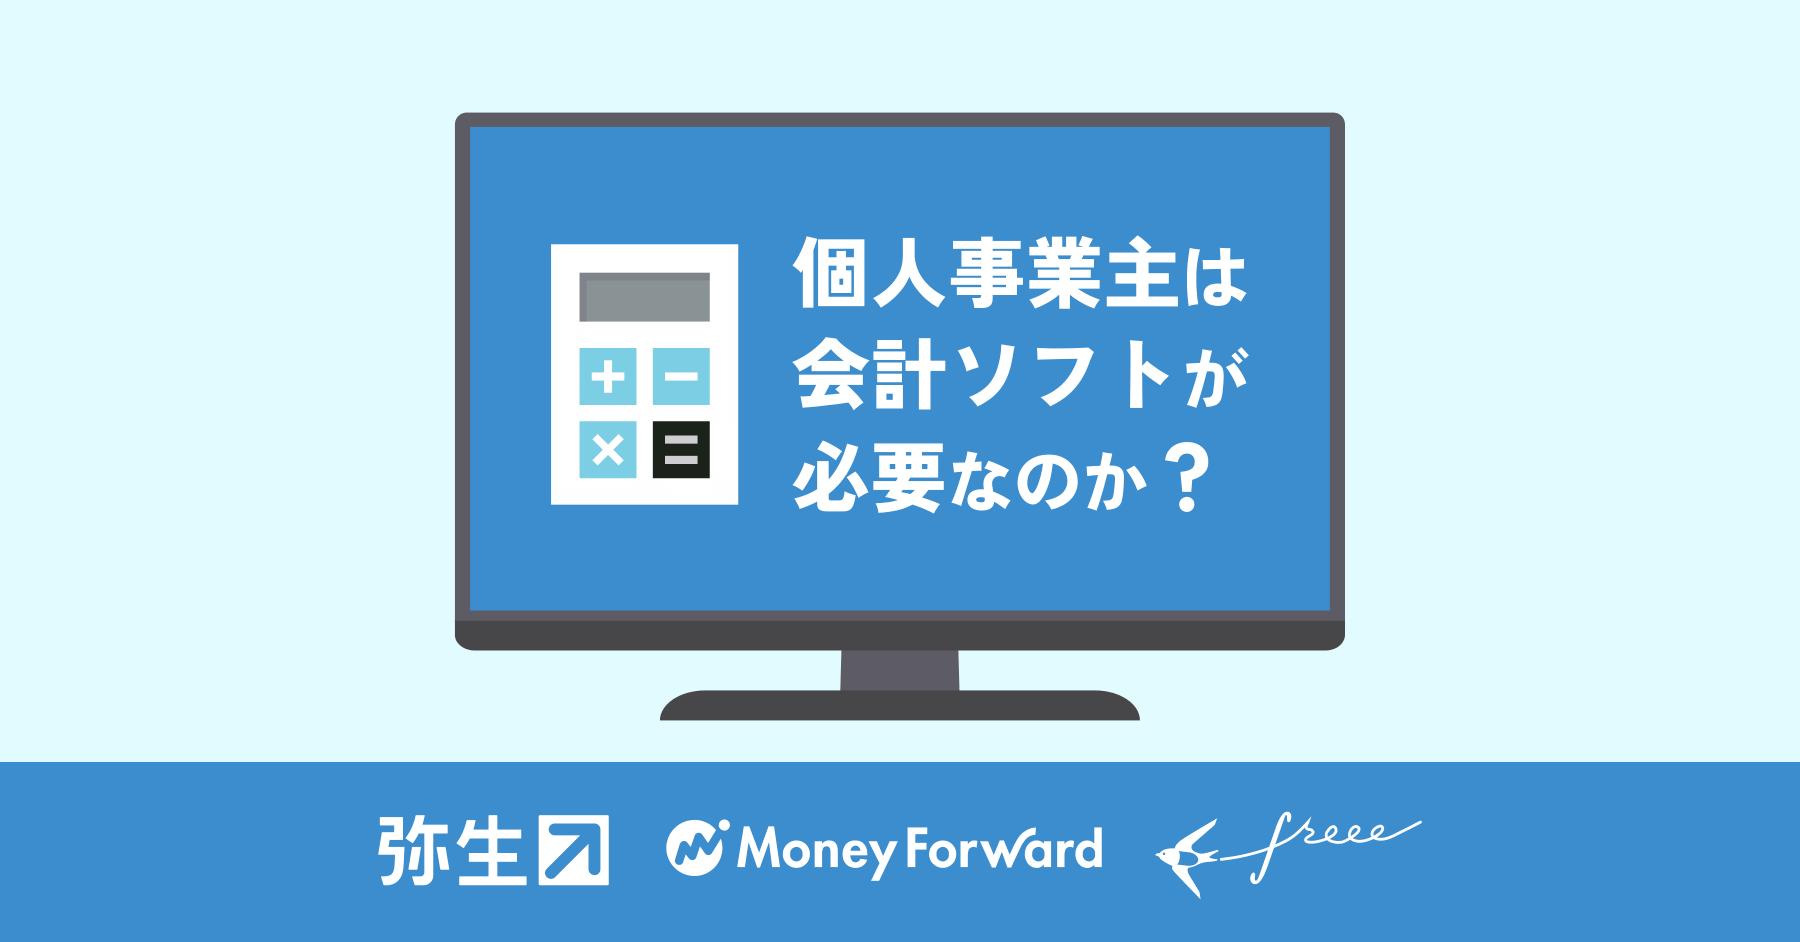 個人事業主は会計ソフトを使ったほうが良いのか